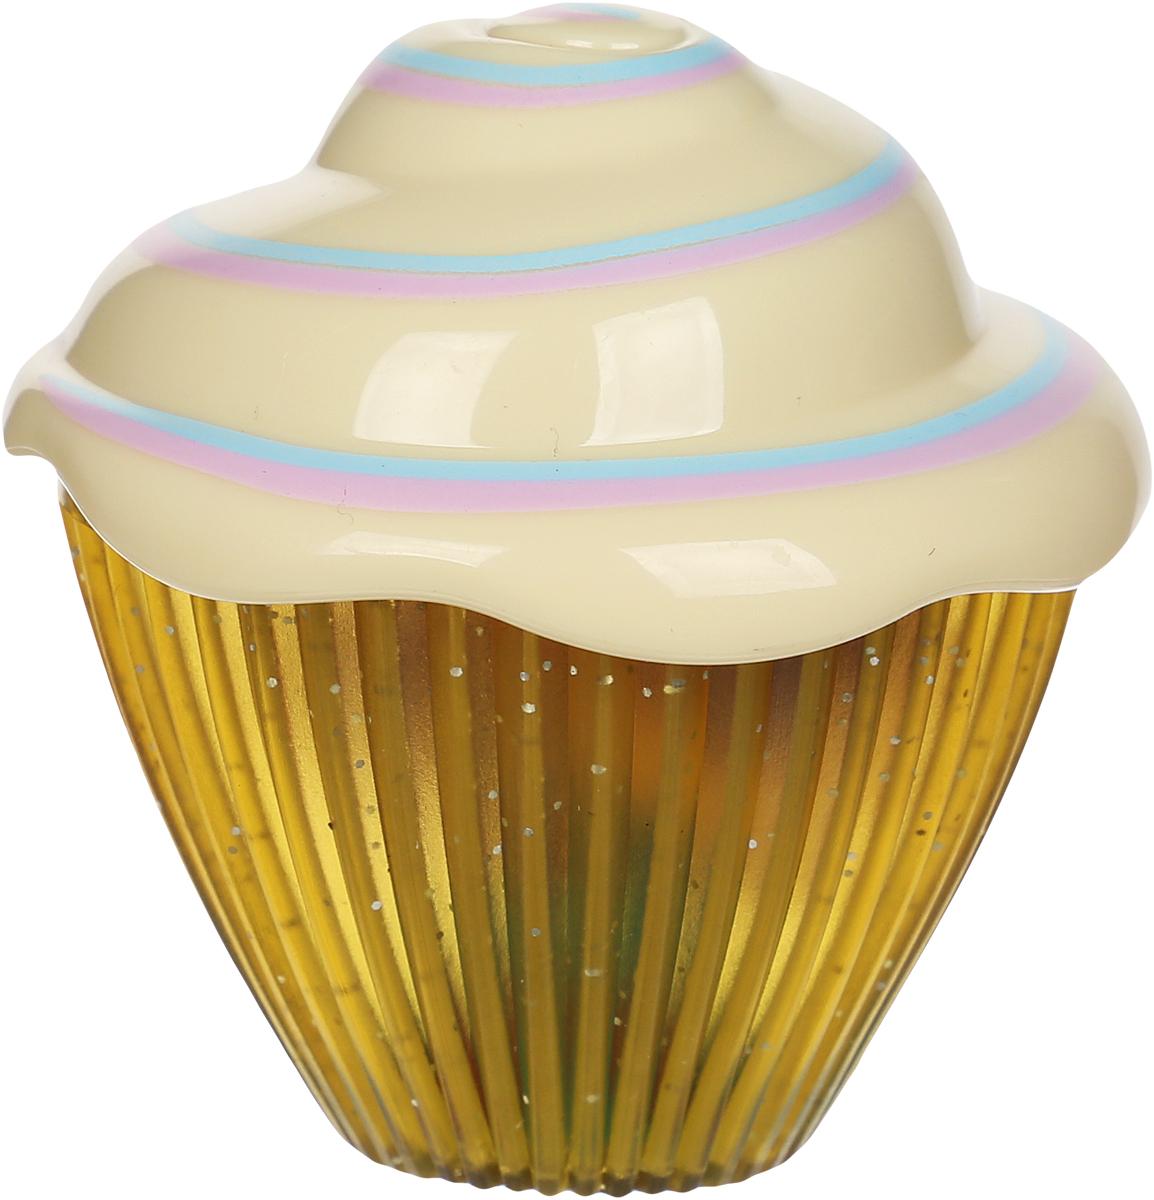 Emco Мини-кукла Mini Cupcake Surprise цвет желтый голубой розовый tosjc розовый цвет 15